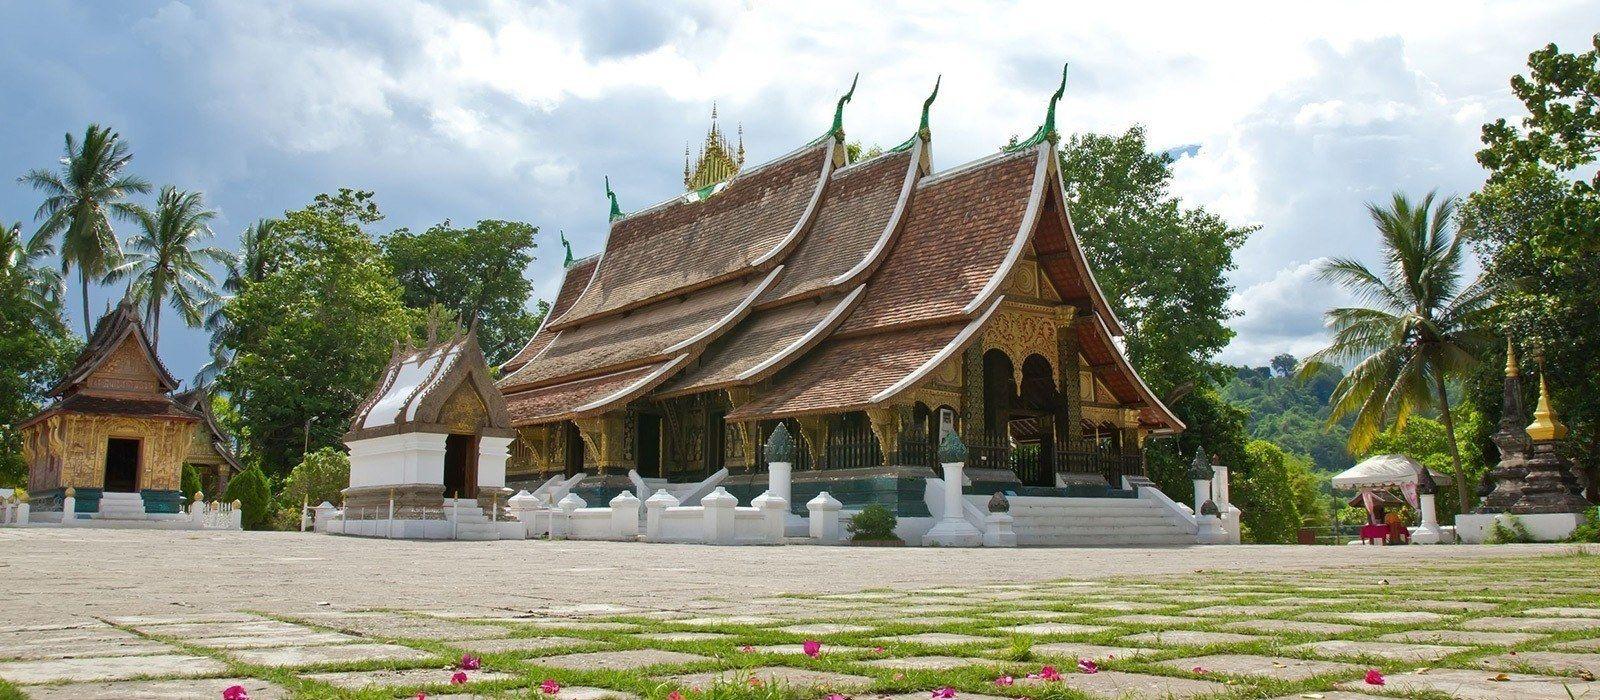 Kultur, Natur und Strände Südostasiens Urlaub 5